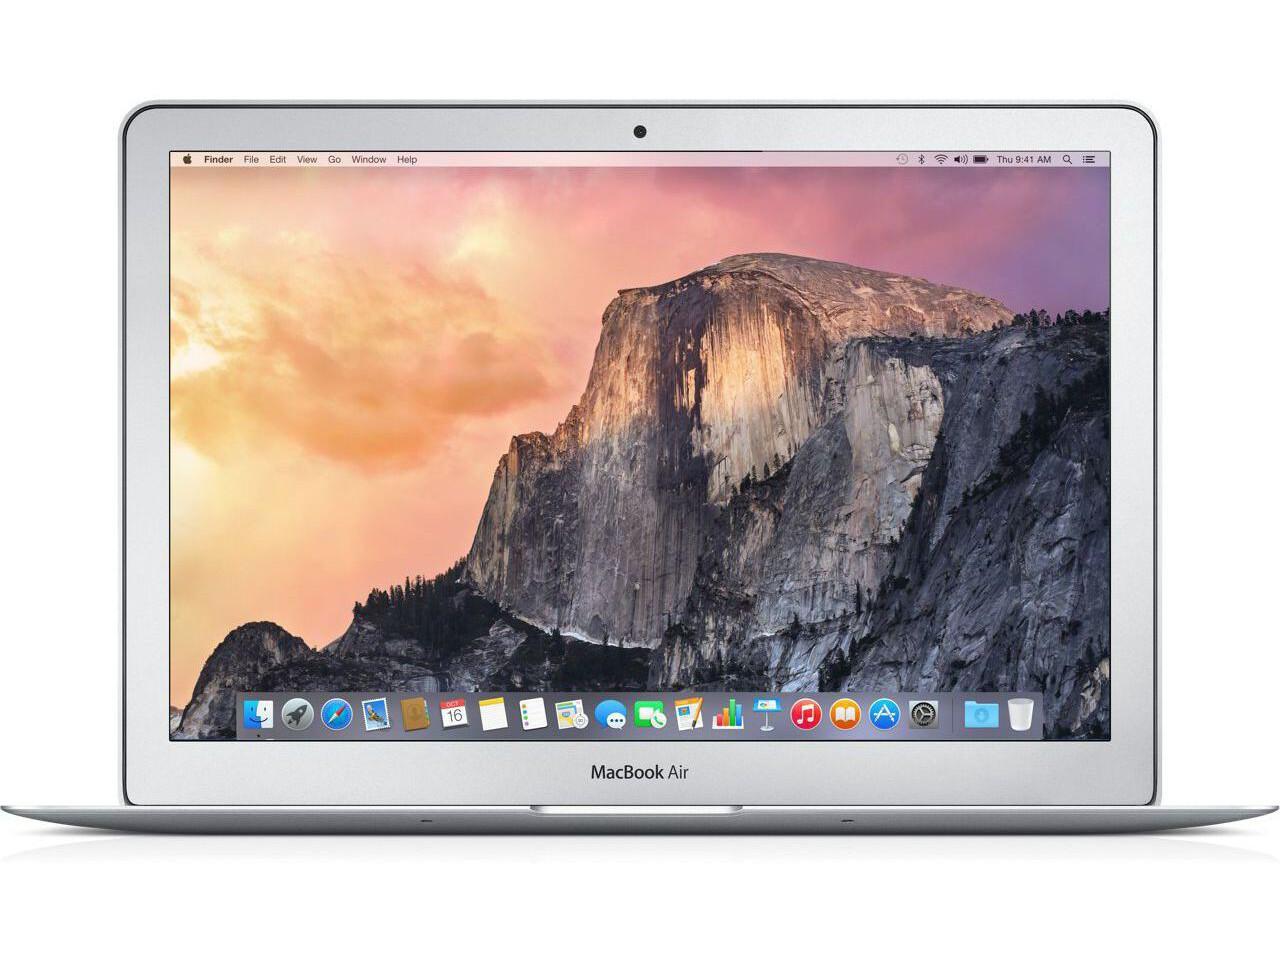 macbook air 13 inch 2014 silver